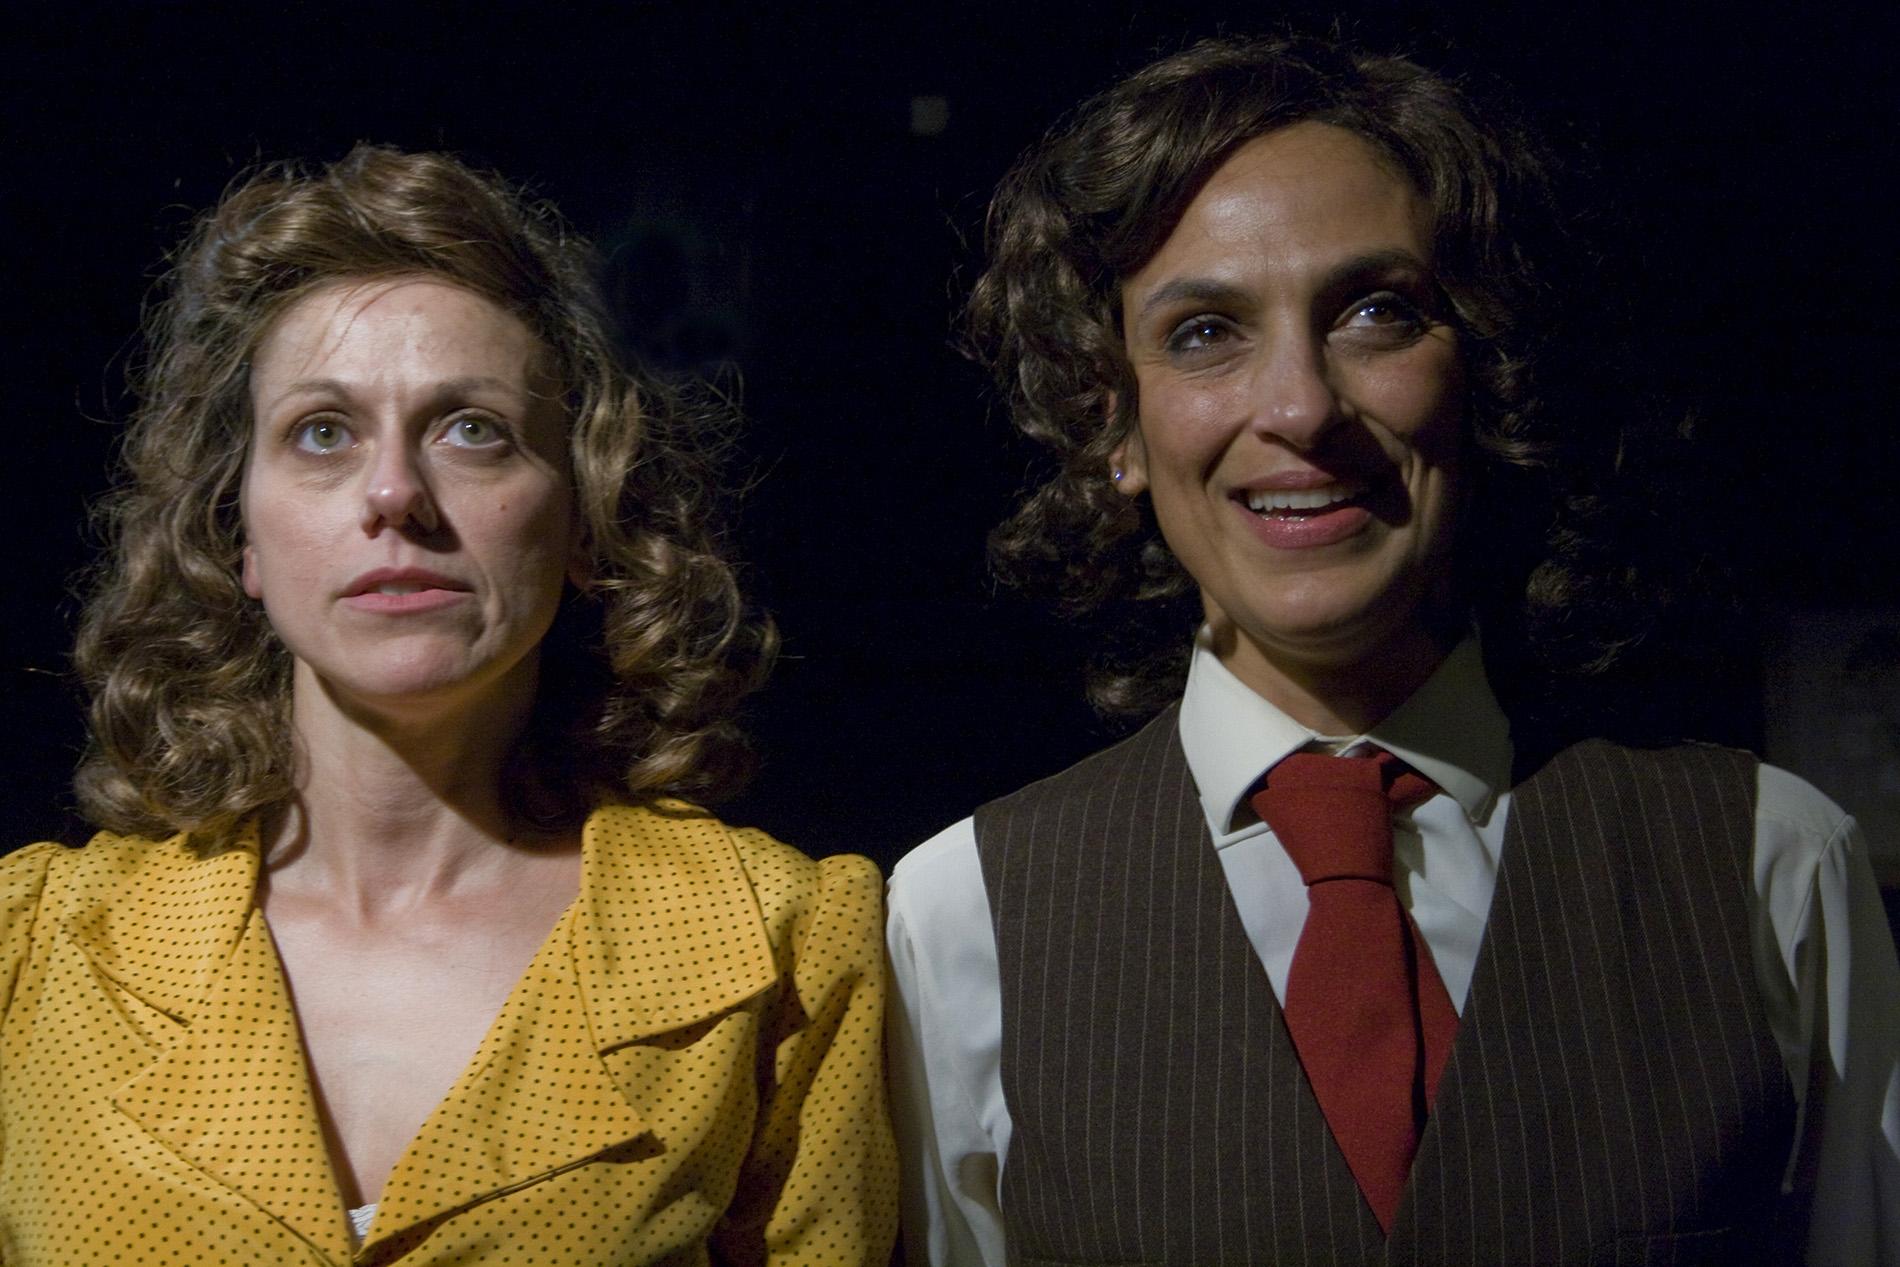 """Πολυχώρος Vault: """"Φελίτσε και Λίλυ – Ένας άνθρωπος ανάμεσα στους ανθρώπους"""" – ΤΕΛΕΥΤΑΙΕΣ ΠΑΡΑΣΤΑΣΕΙΣ"""